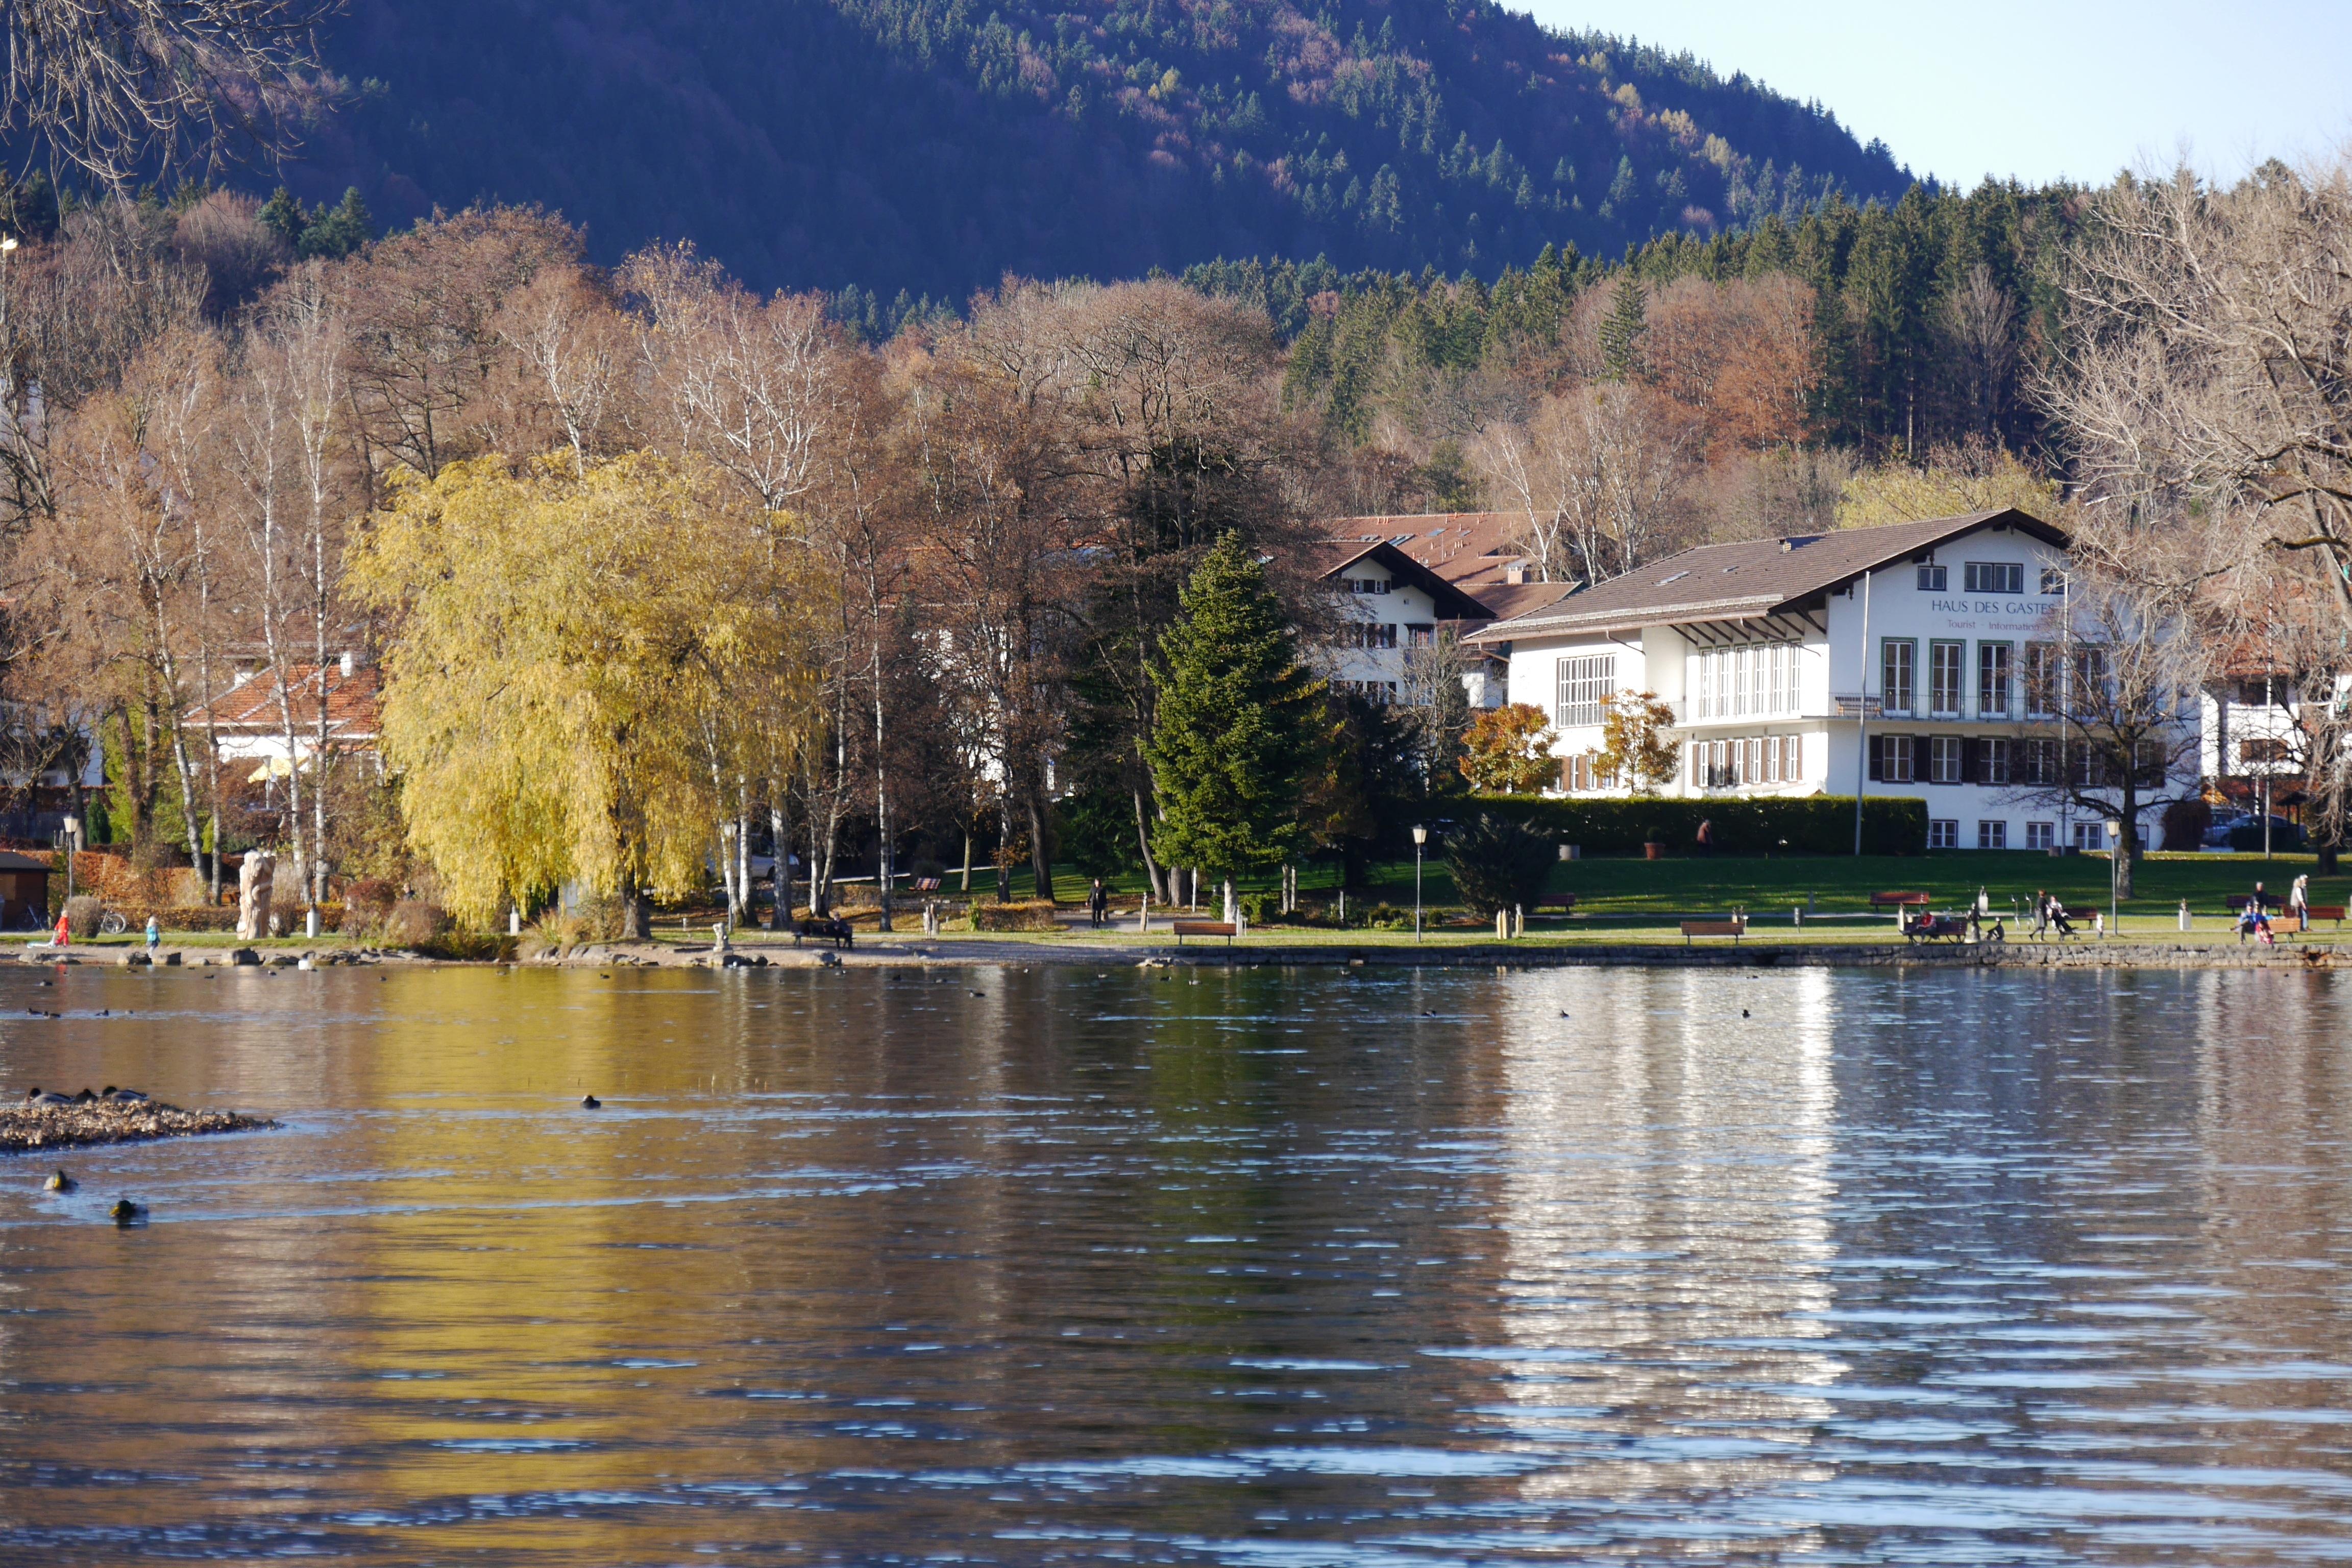 фото виллы горбачева на озере тегернзее том, как проводились